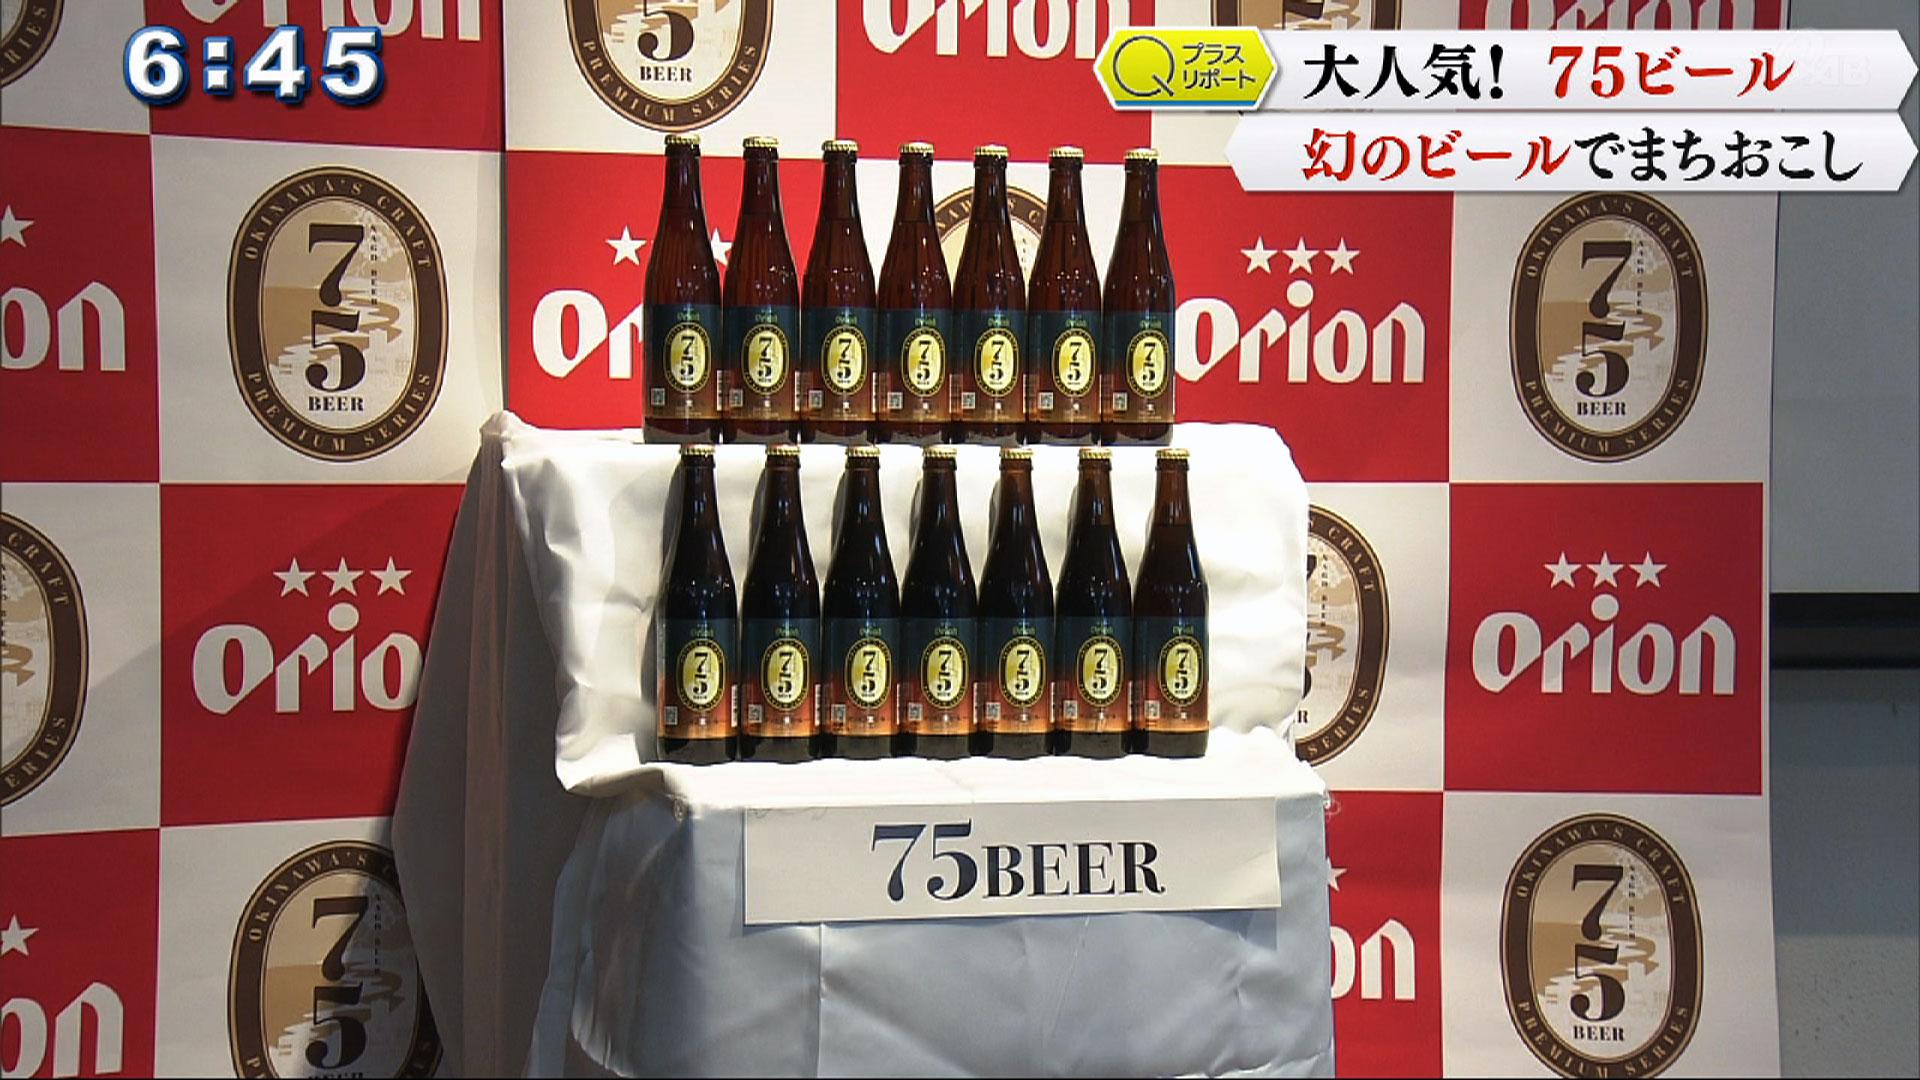 Qプラスリポート 75ビール 幻のビールでまちおこし